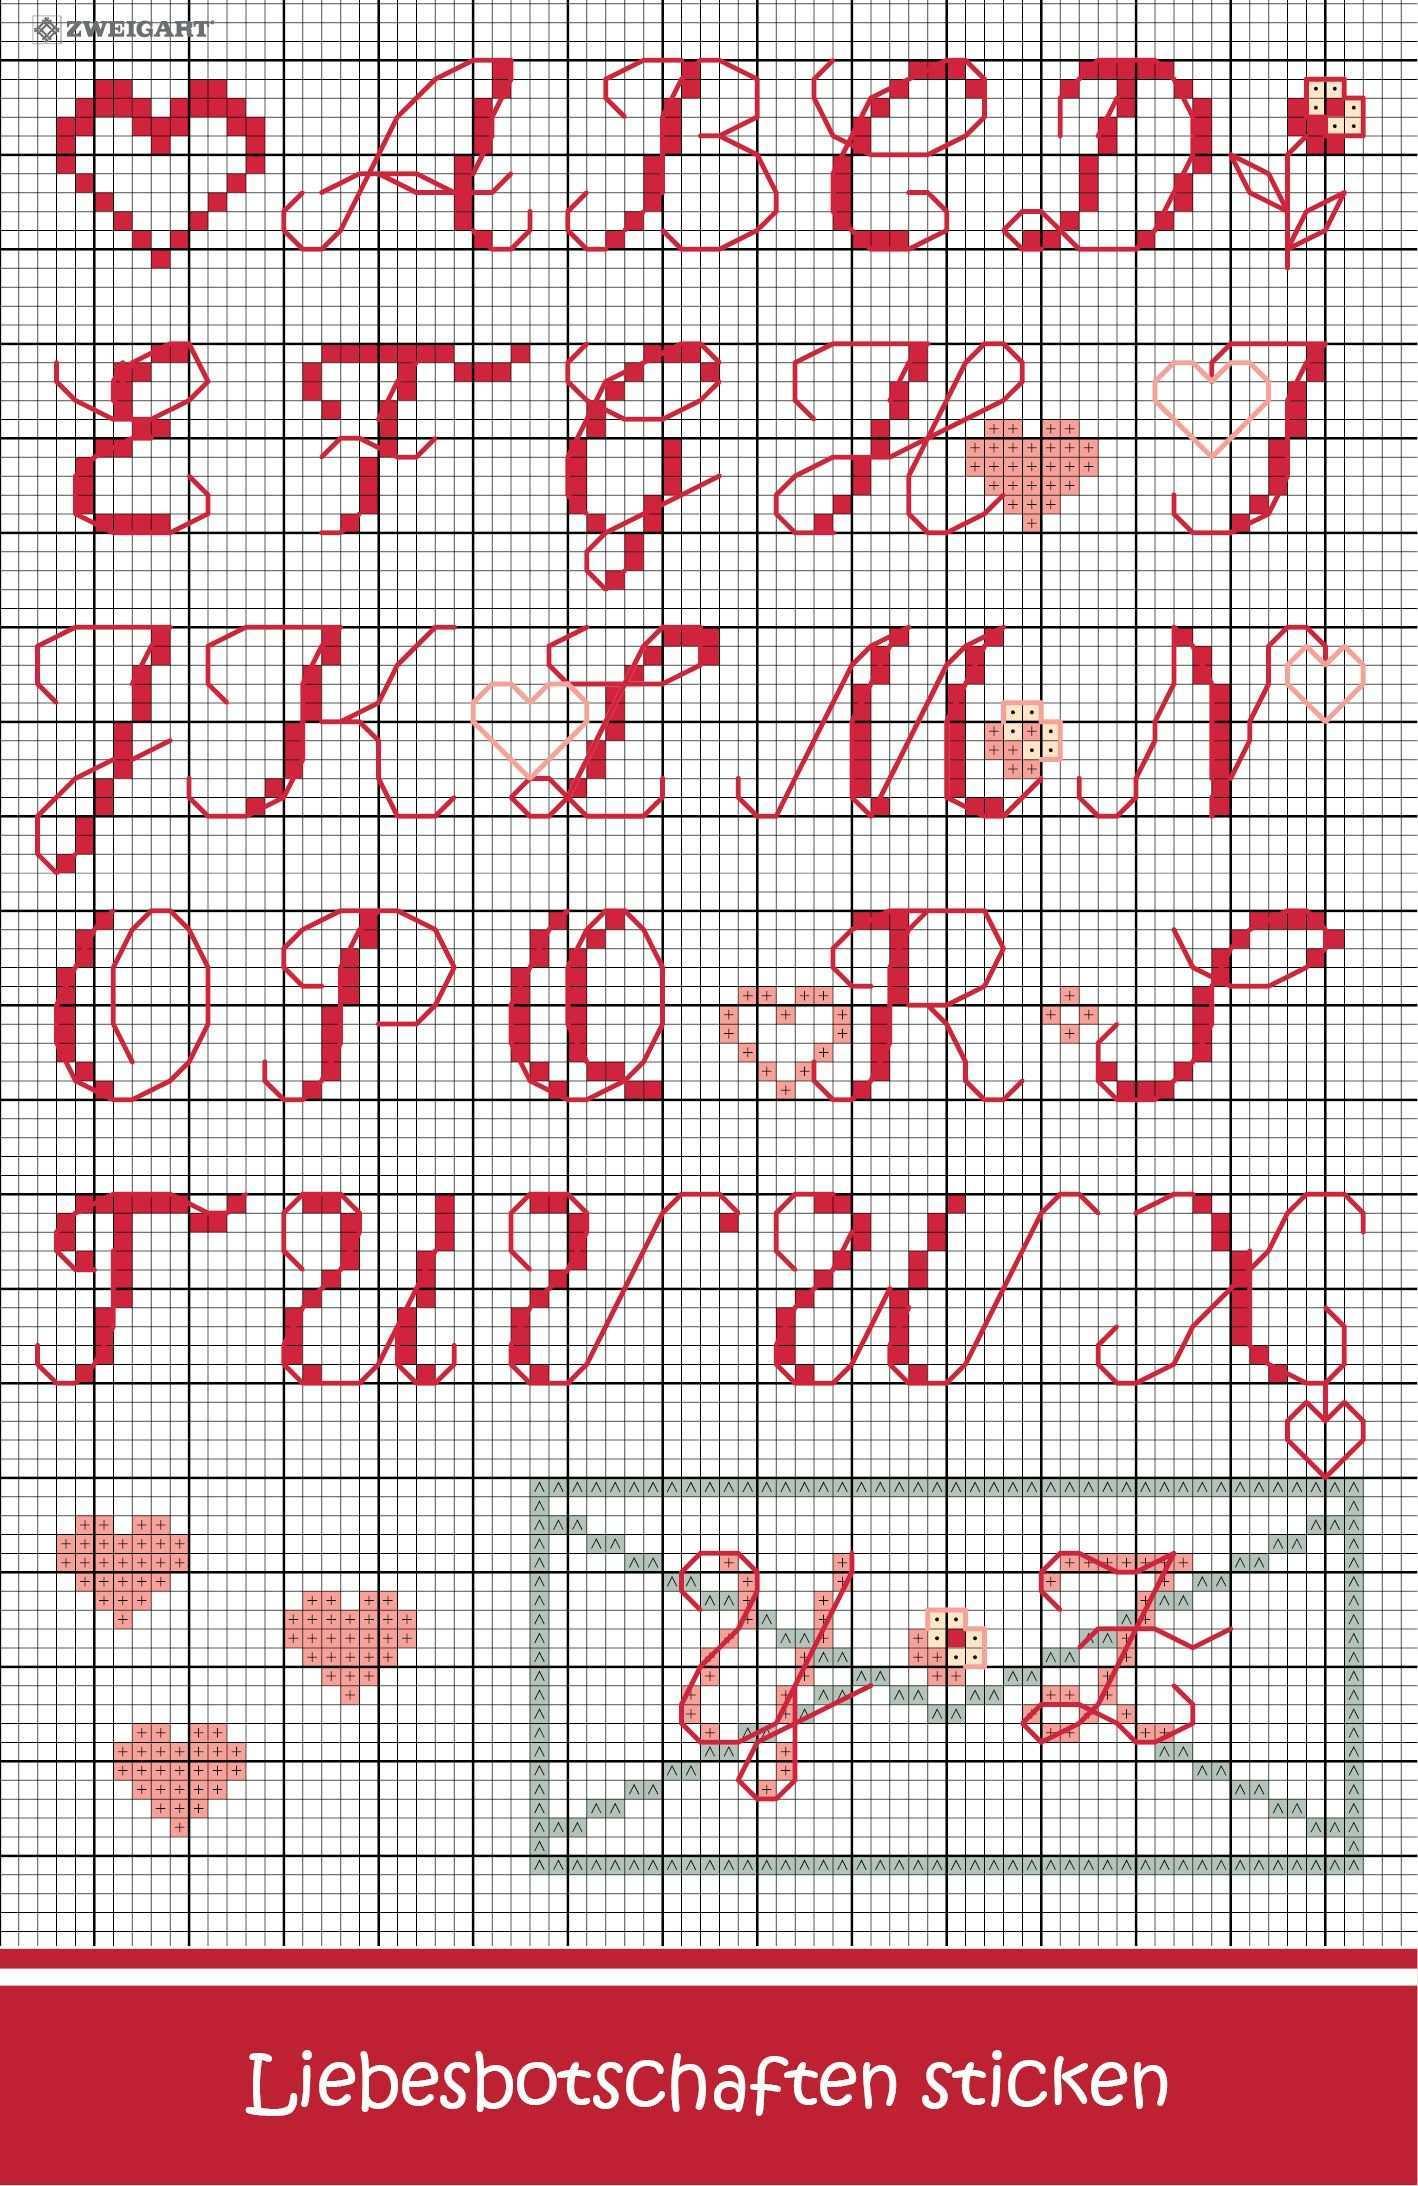 Romantisches Alphabet Mit Herzen Sticken Zweigart Sawitzki Gmbh Co Kg Alphabet Sticken Buchstaben Sticken Sticken Kreuzstich